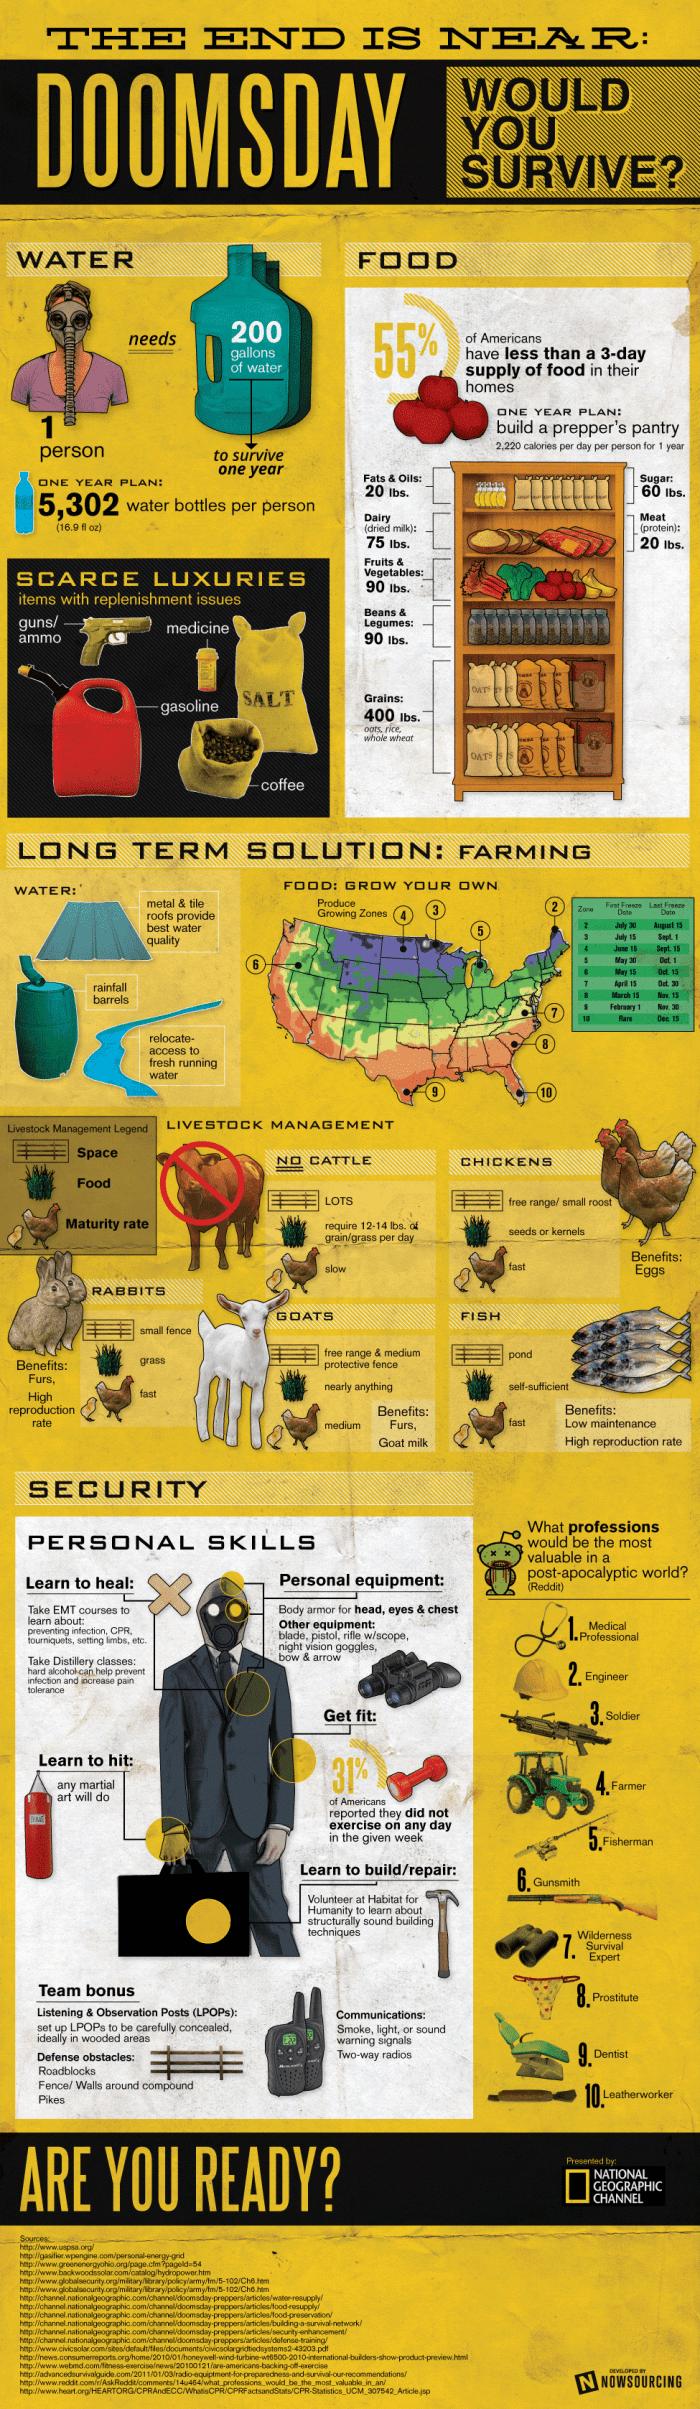 Doomsday Infographic